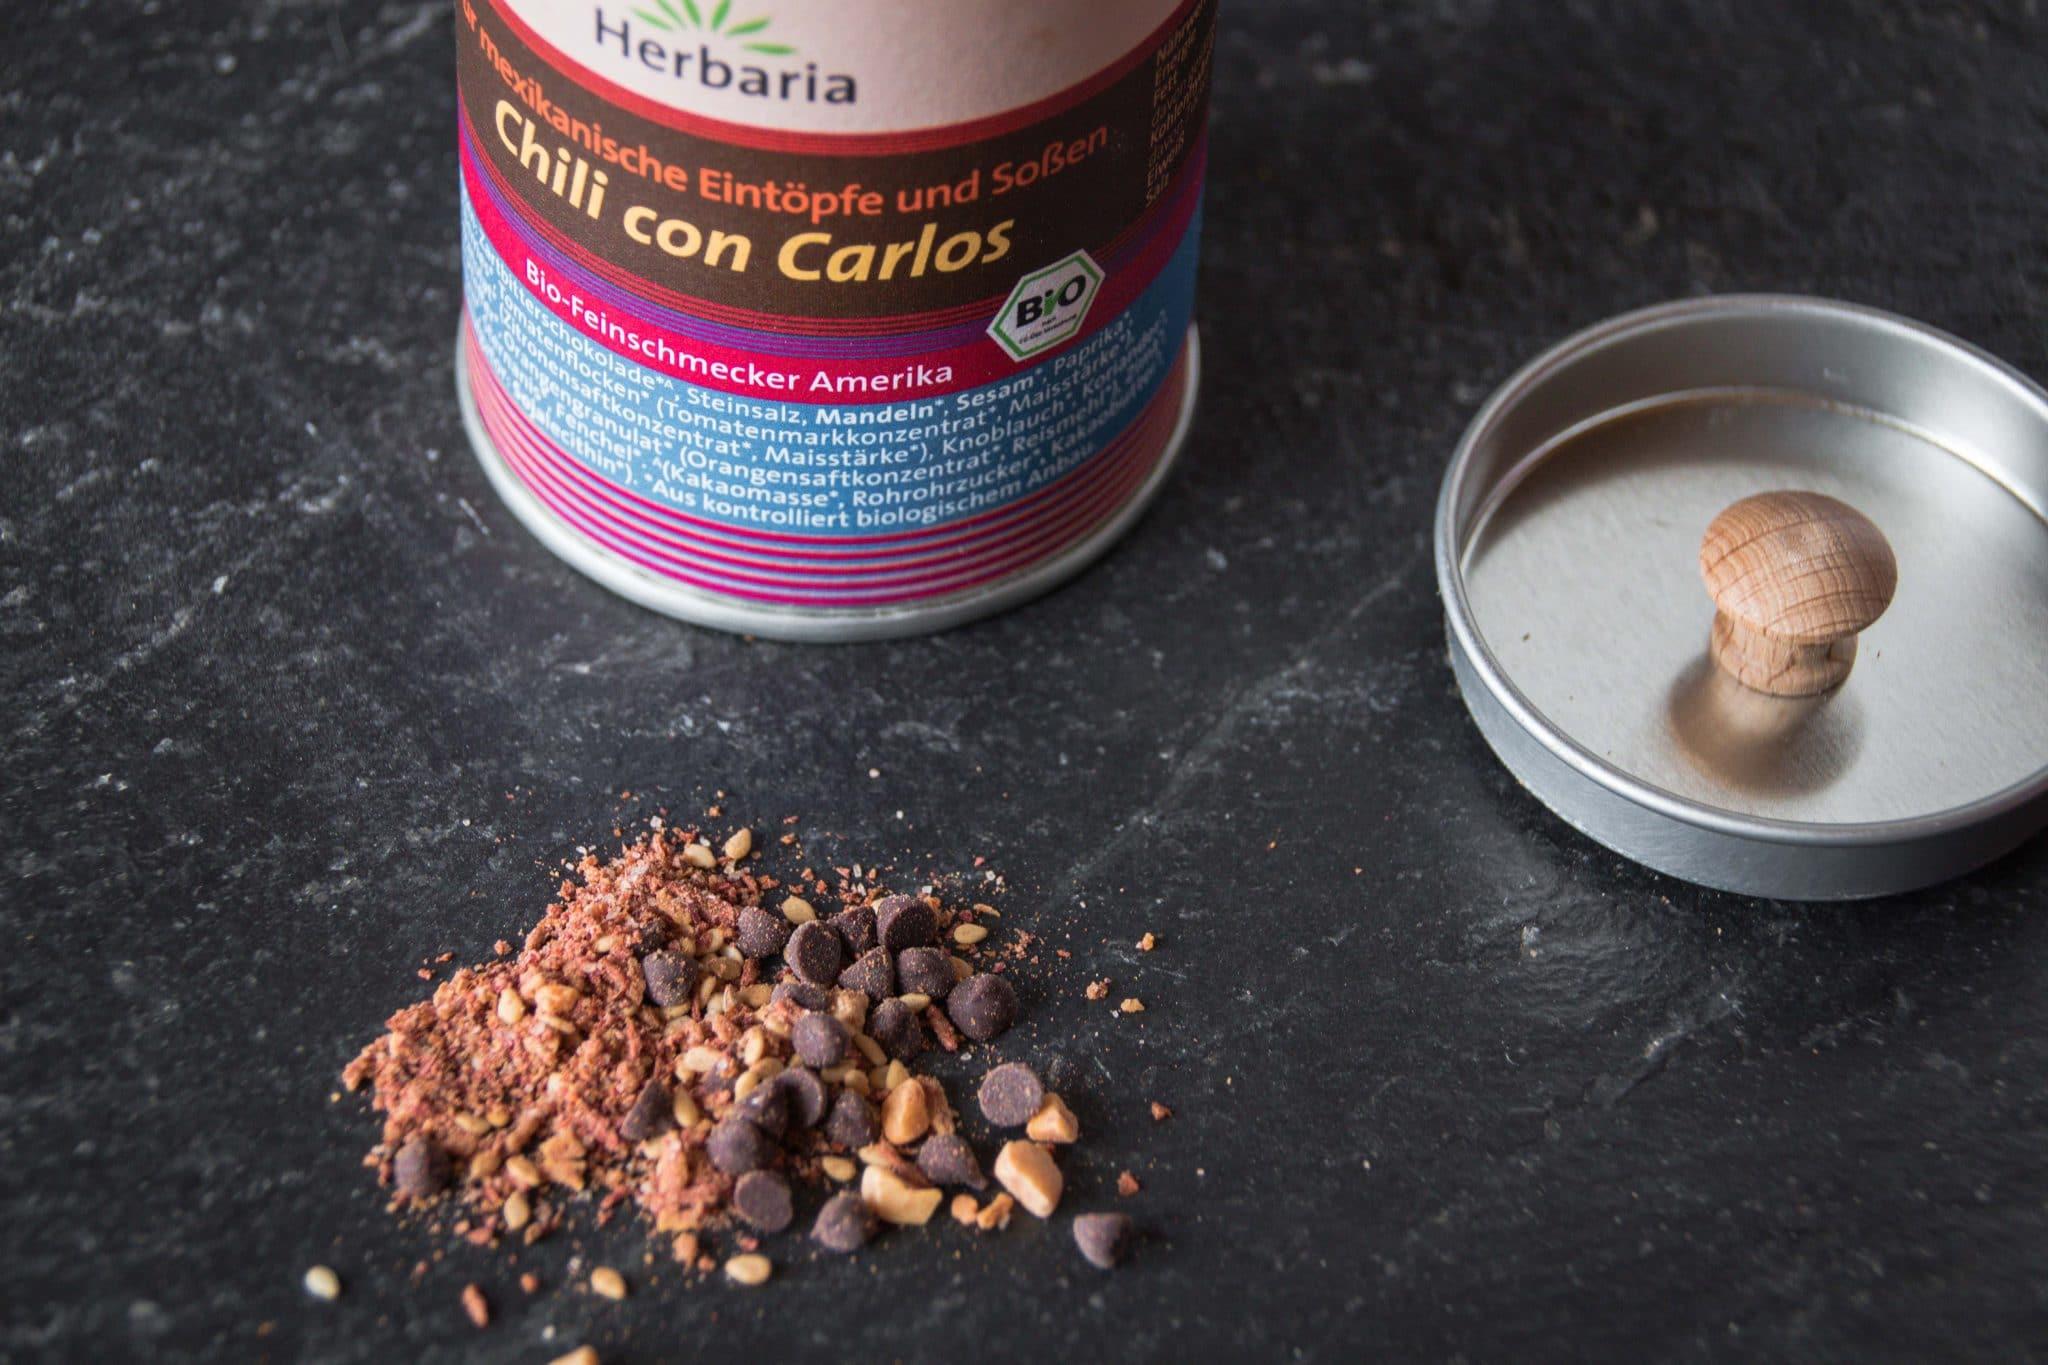 chili-con-carne-rezept-abnehmen-zuckerfrei-clean-eating-2_klein